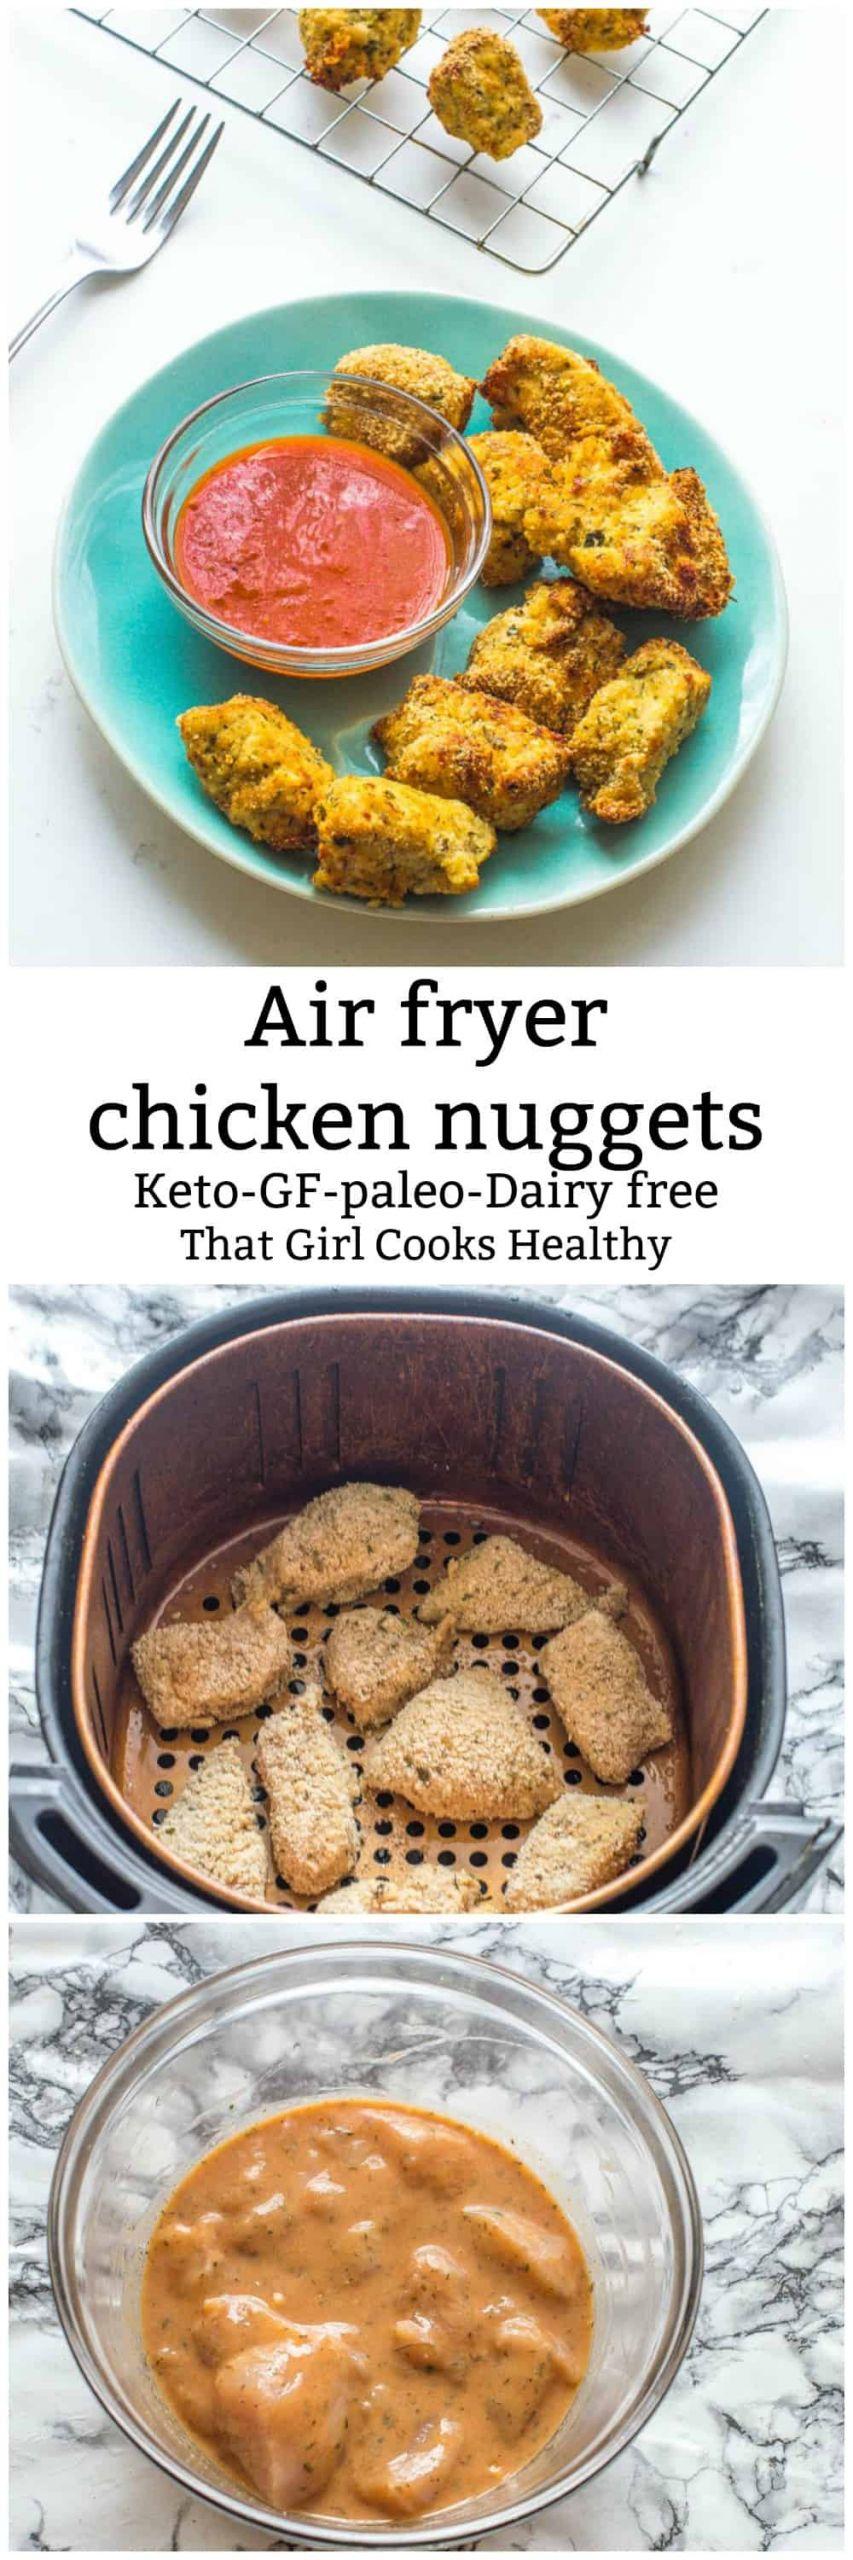 Air Fryer Keto Chicken Nuggets  Air fryer chicken nug s Keto GF Paleo That Girl